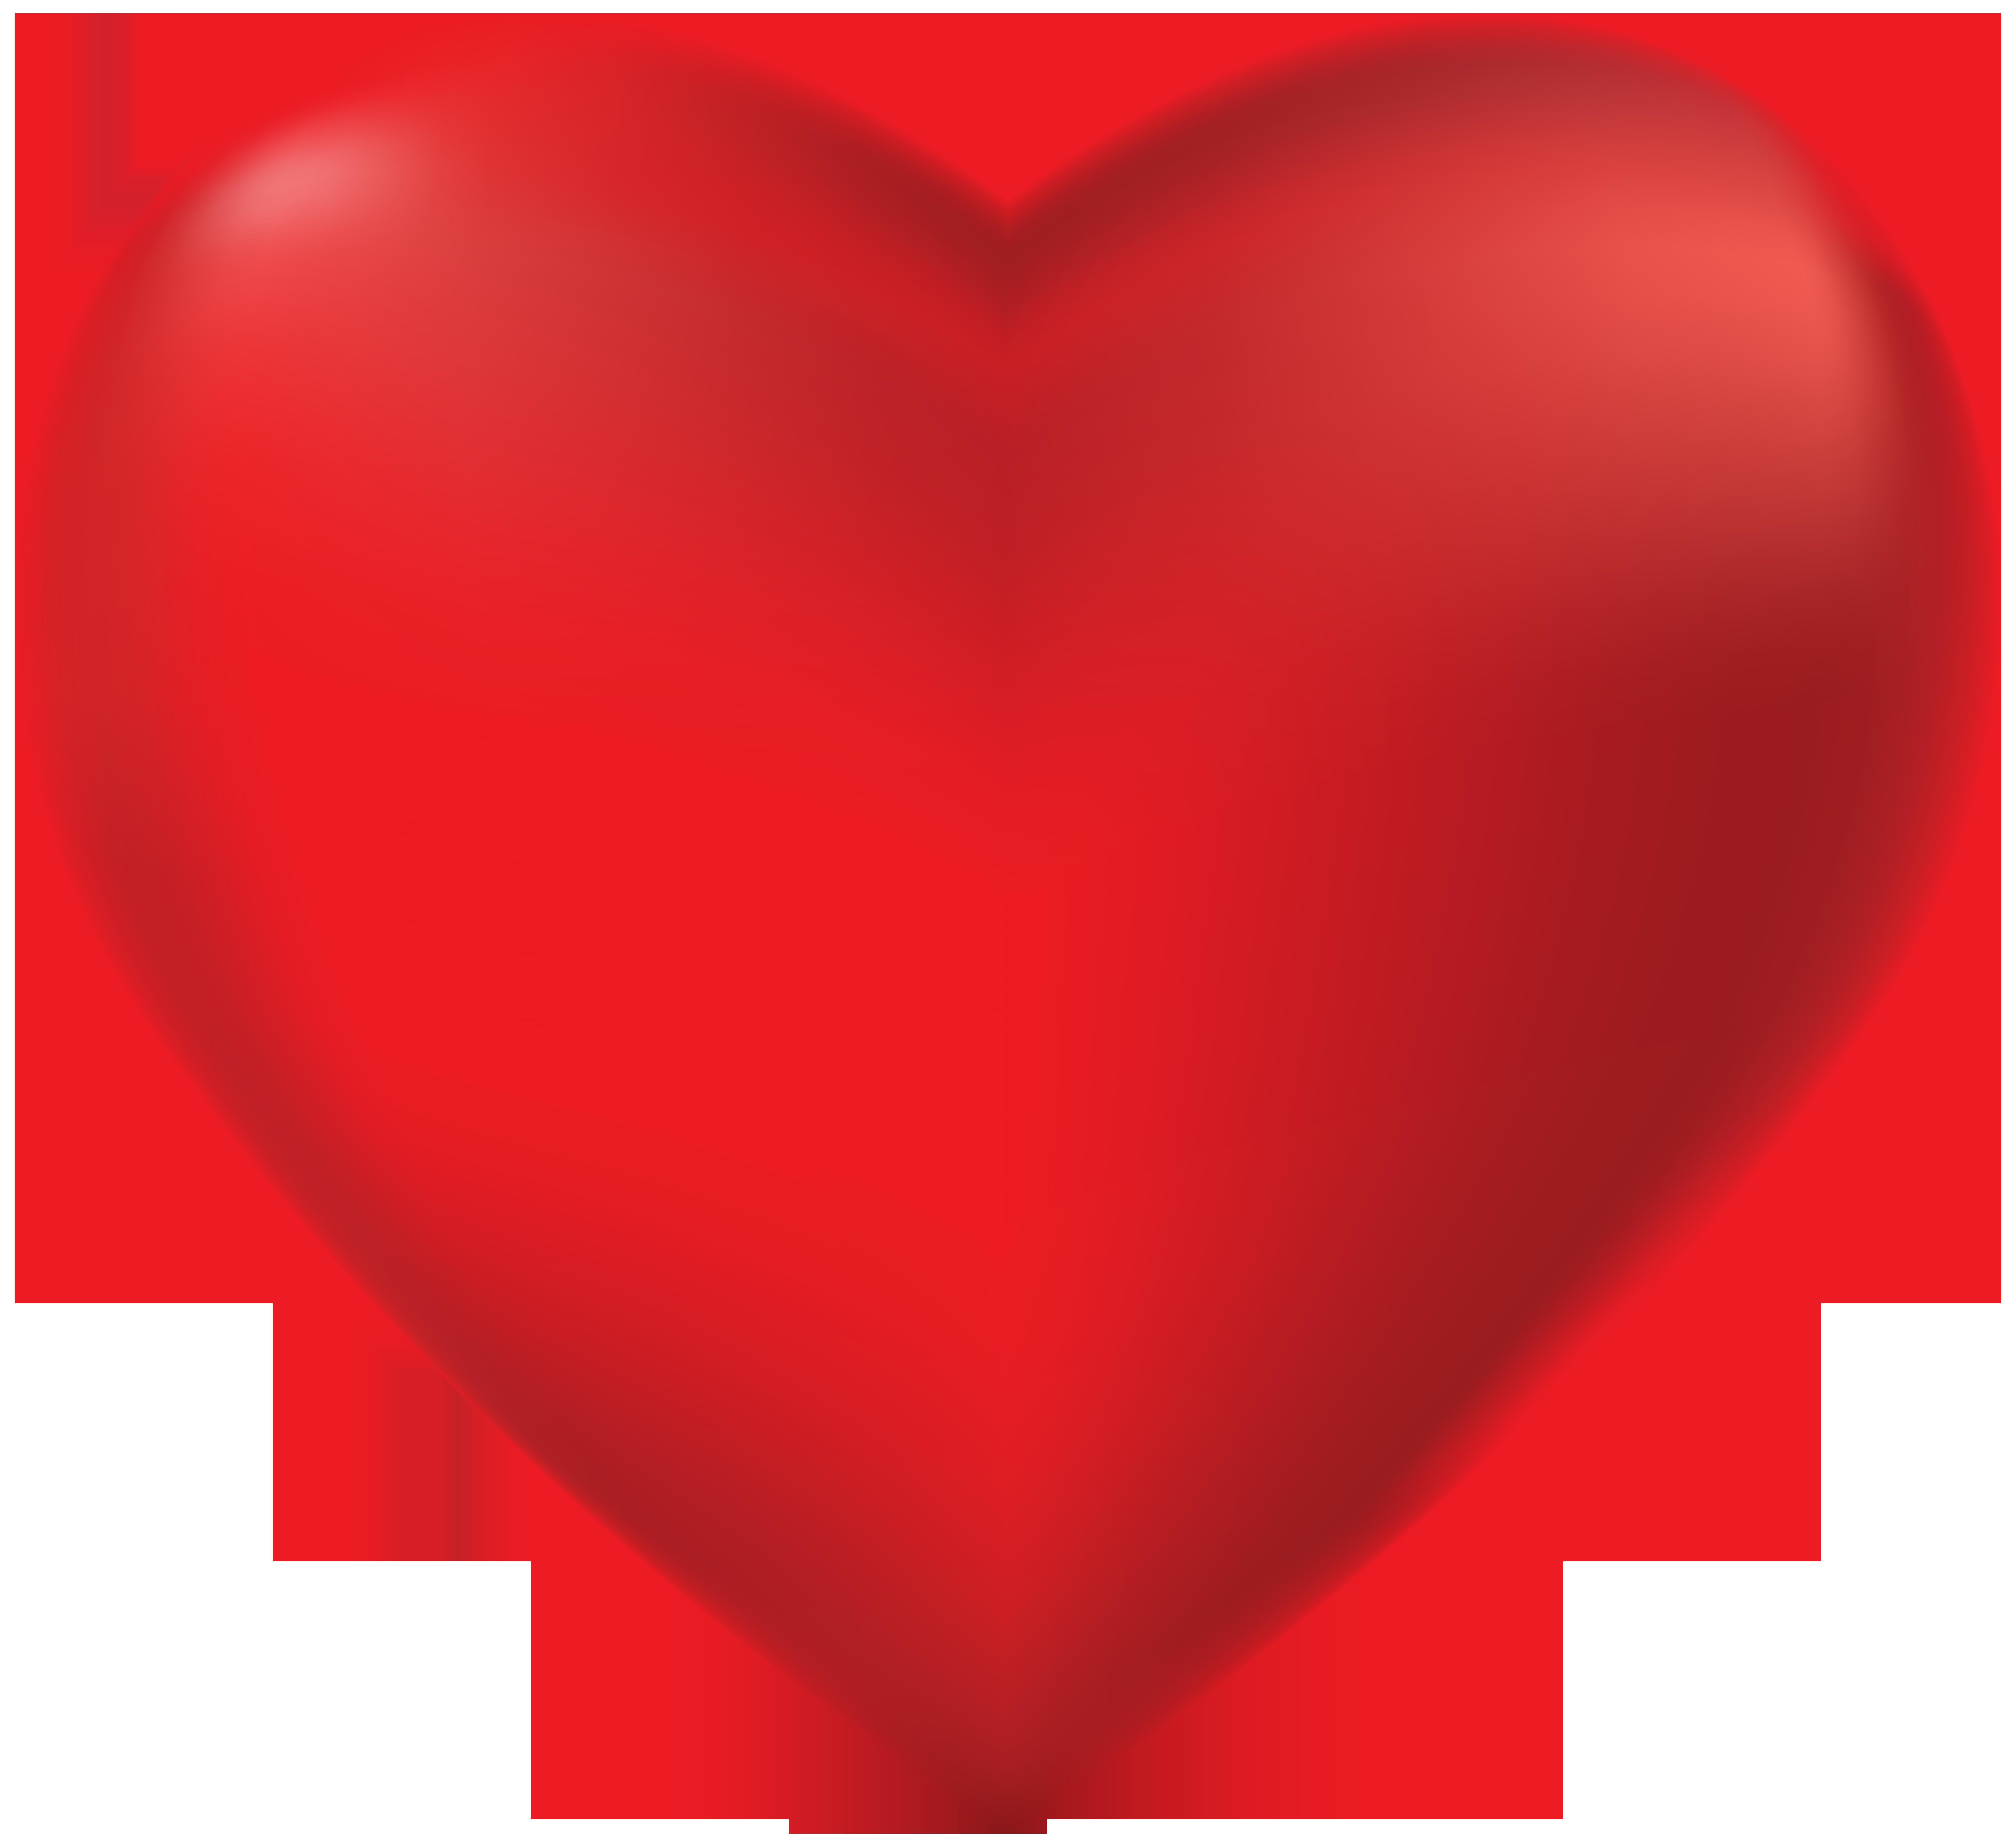 Red heart transparent png. Journal clipart ballpen